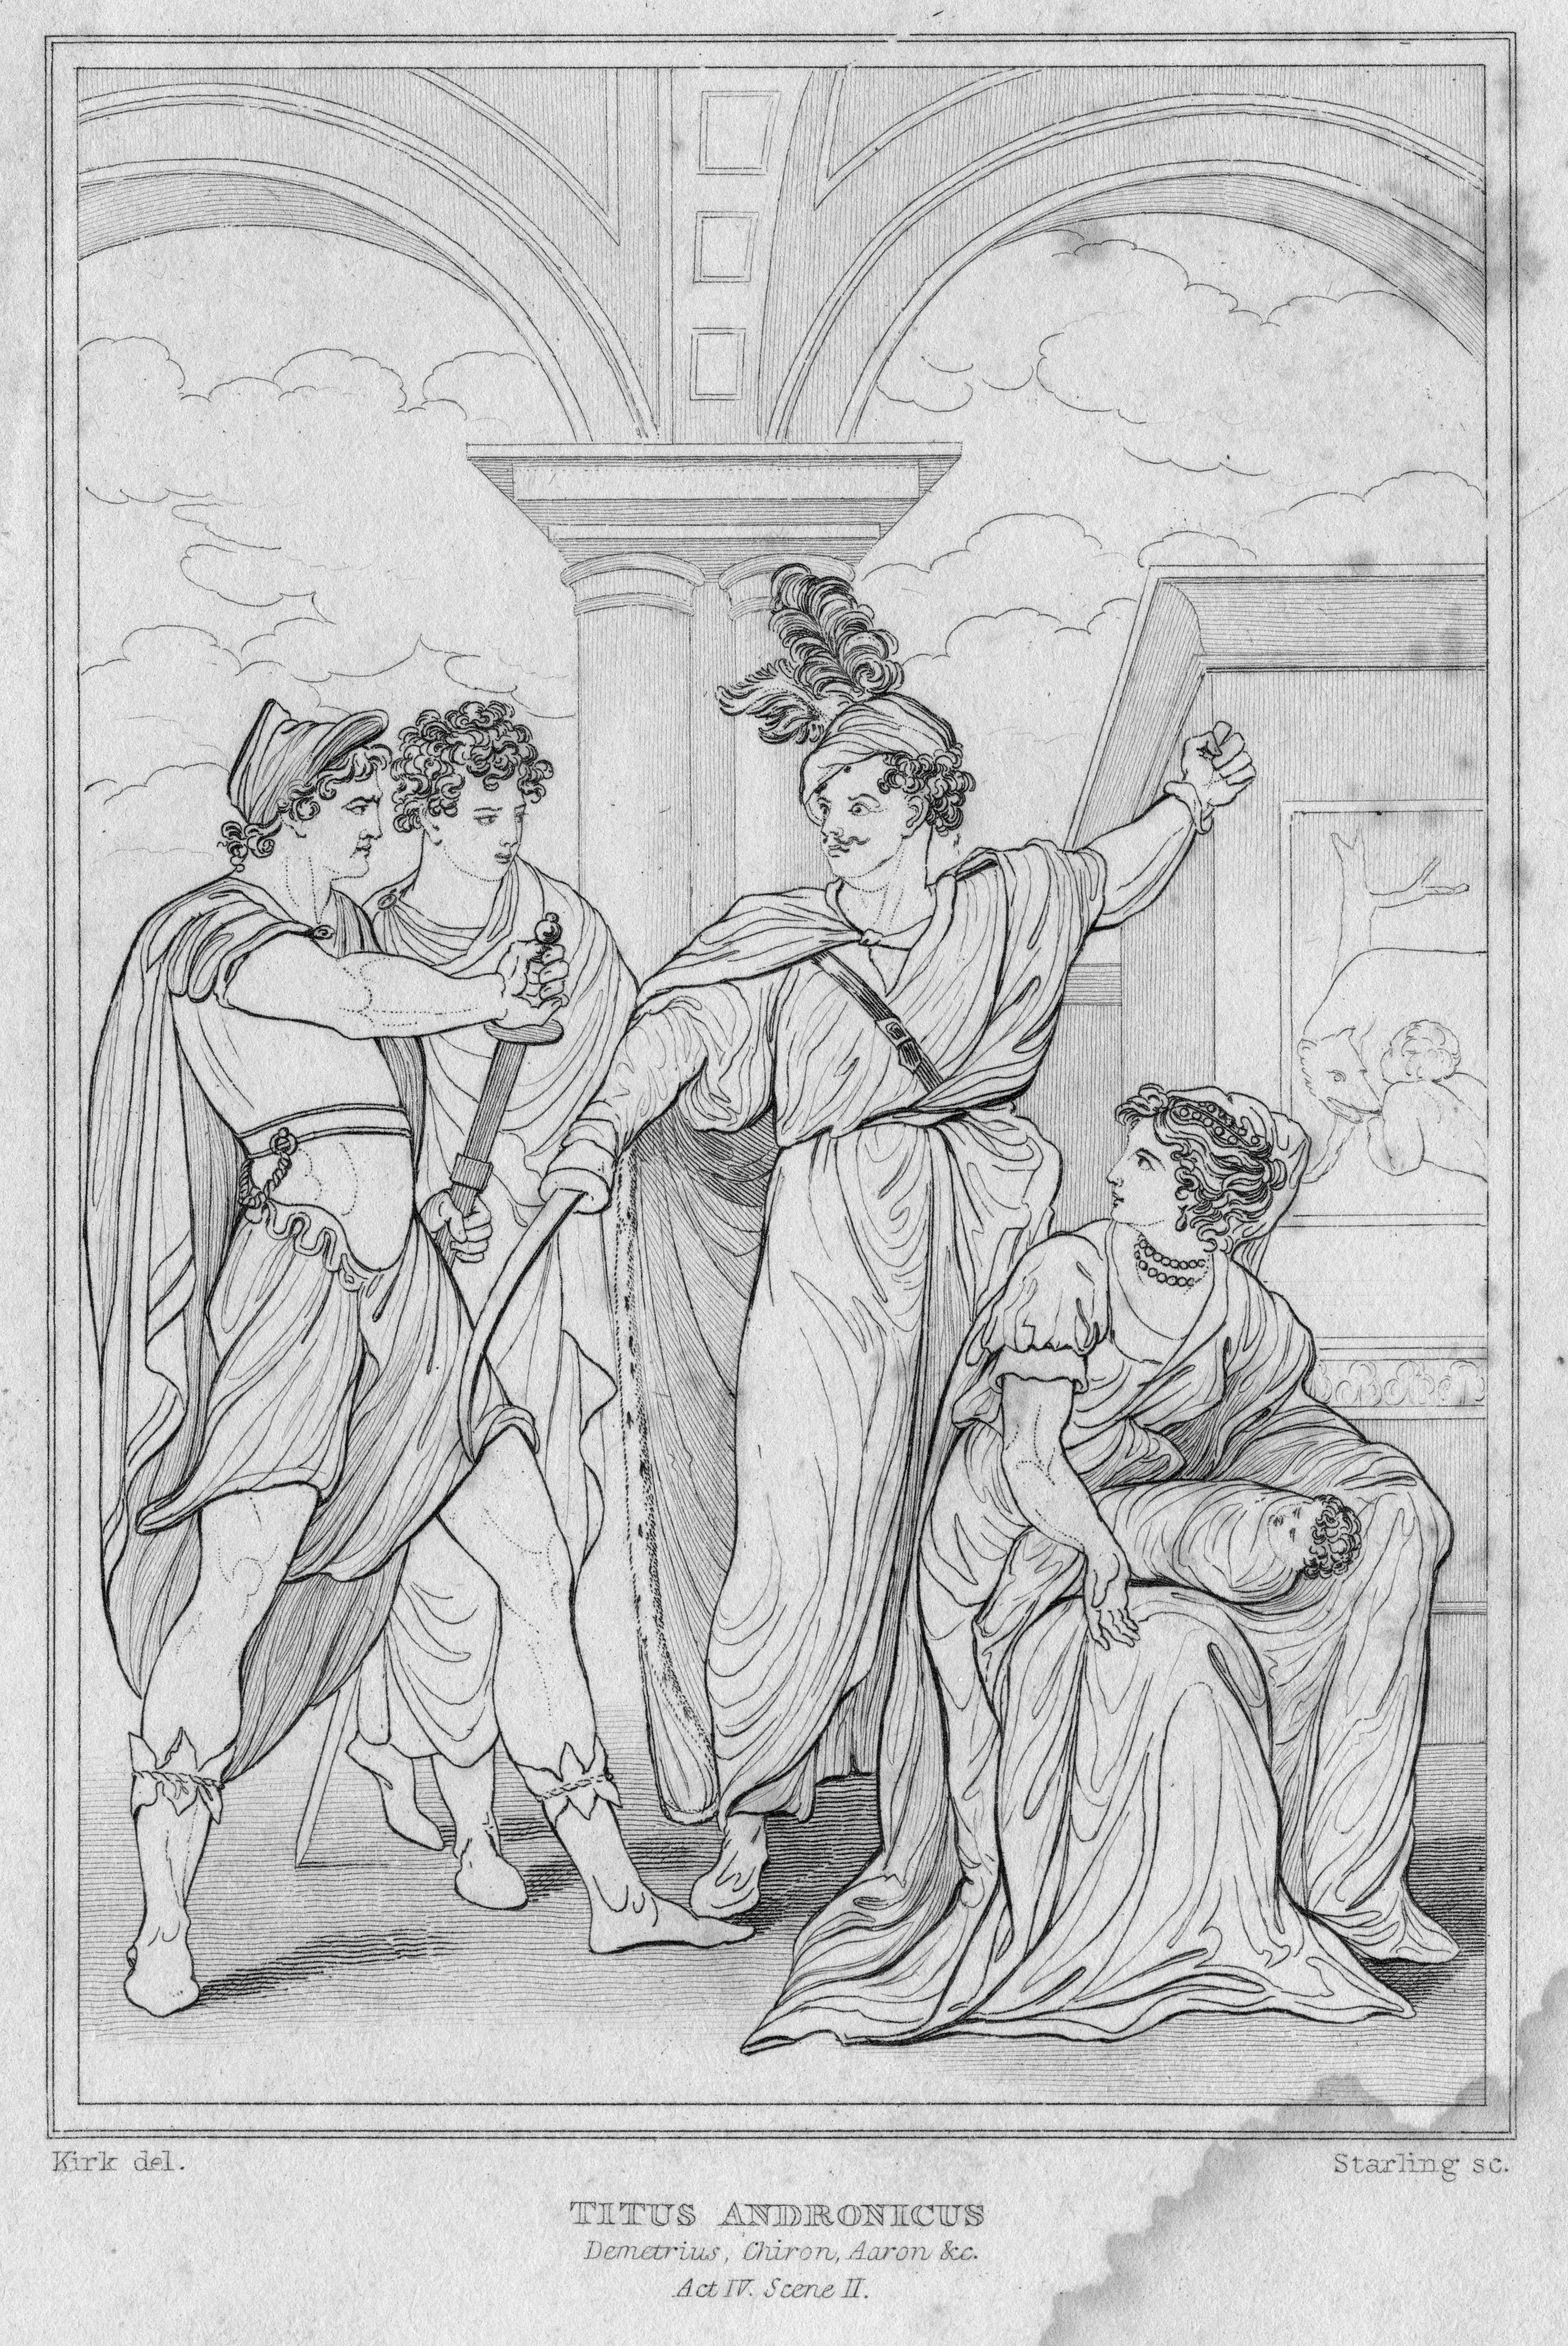 Titus andonicus academic essay